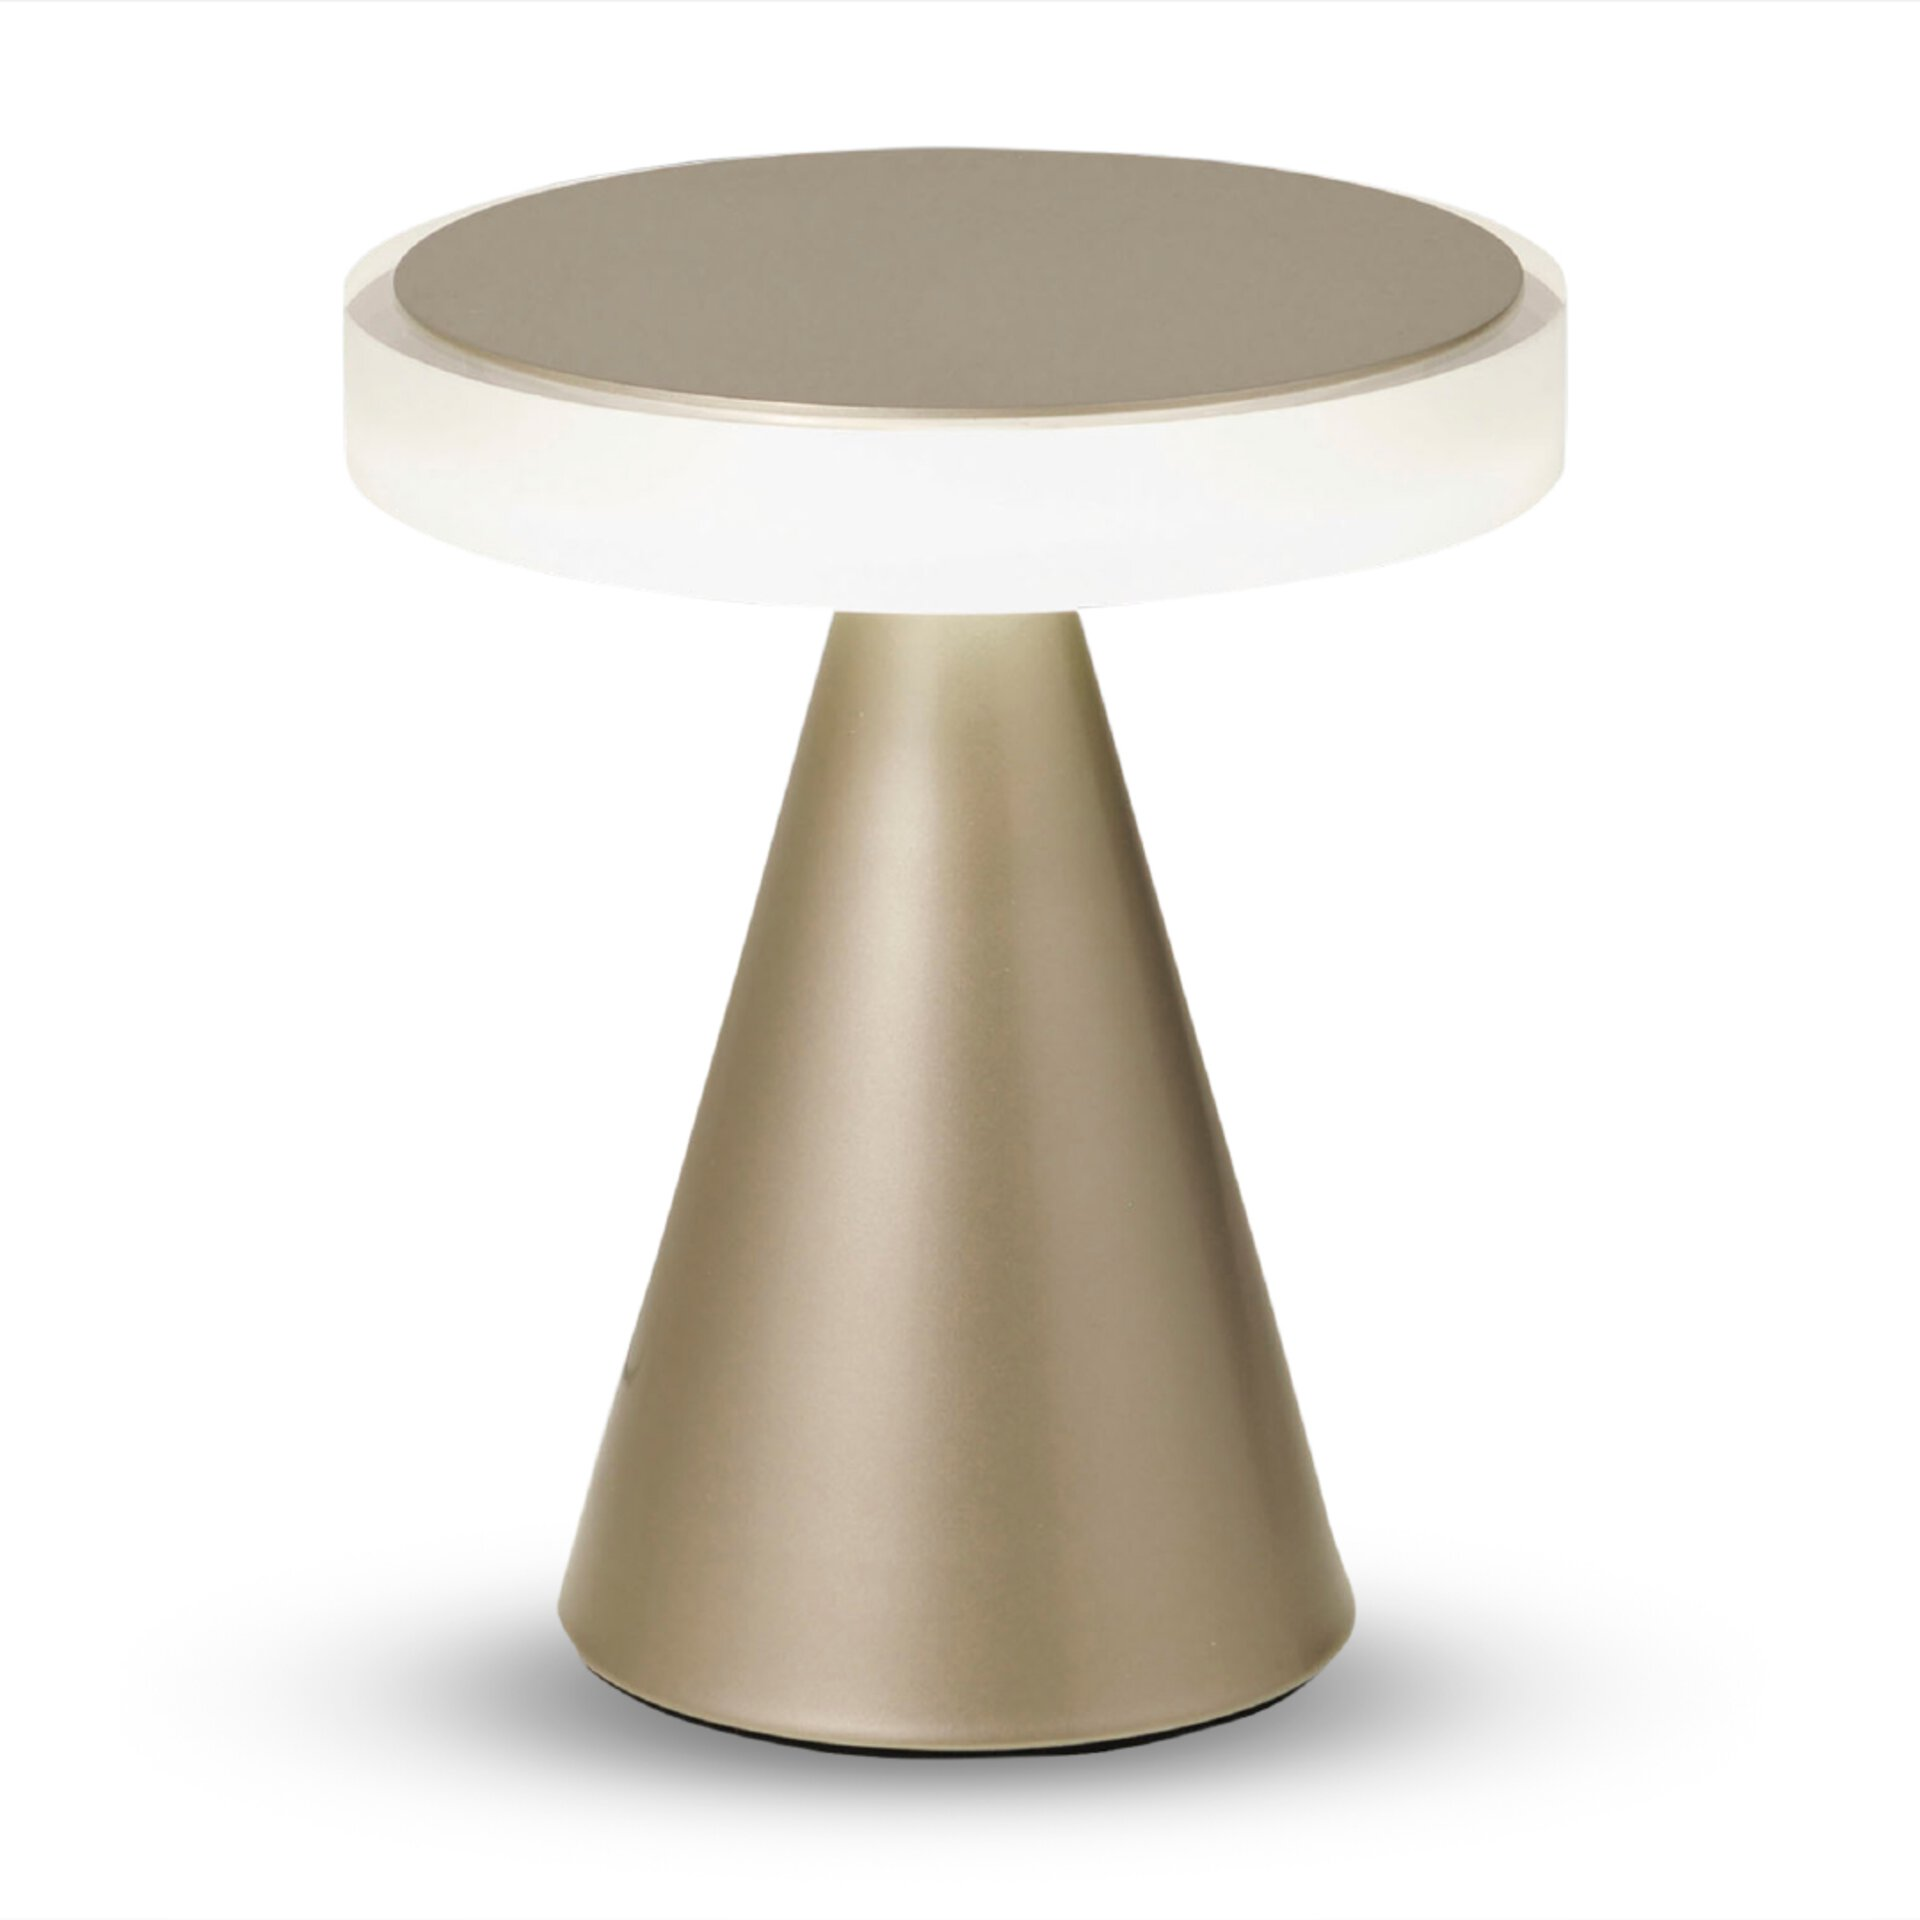 Dimmbare LED-Tischleuchte, satiniertes Acrylglas